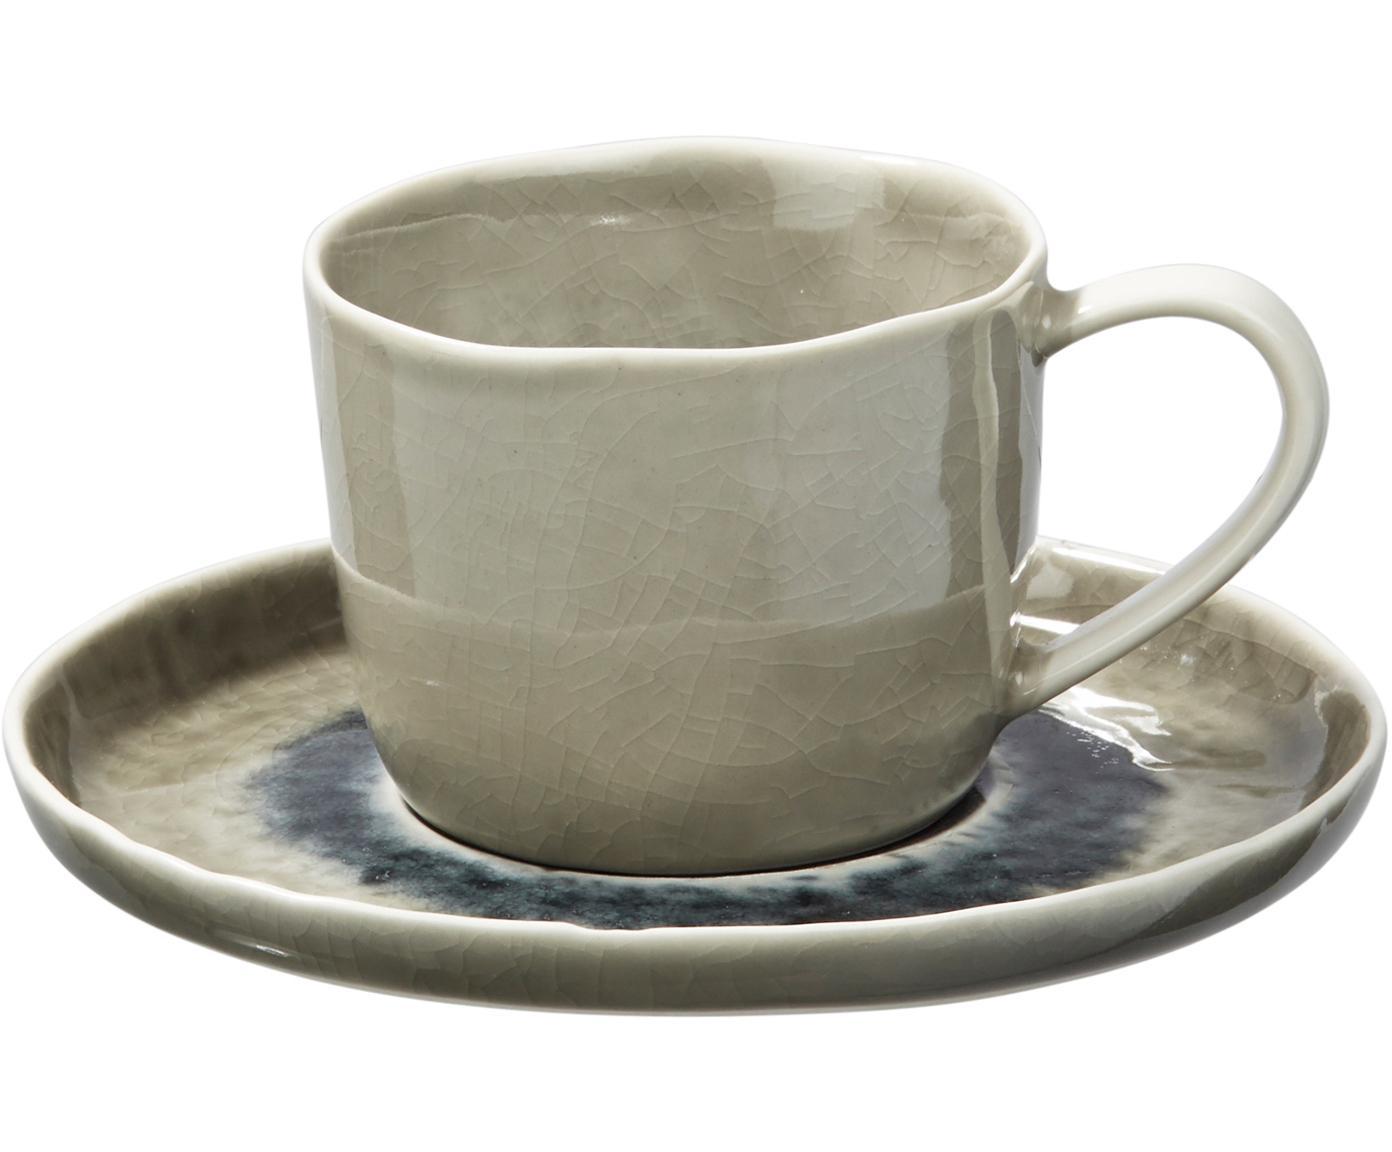 Tazza e piattino Porcelino Sea, 6 pezzi, Porcellana, Grigio verde, beige, grigio scuro, Ø 15 x Alt. 8 cm